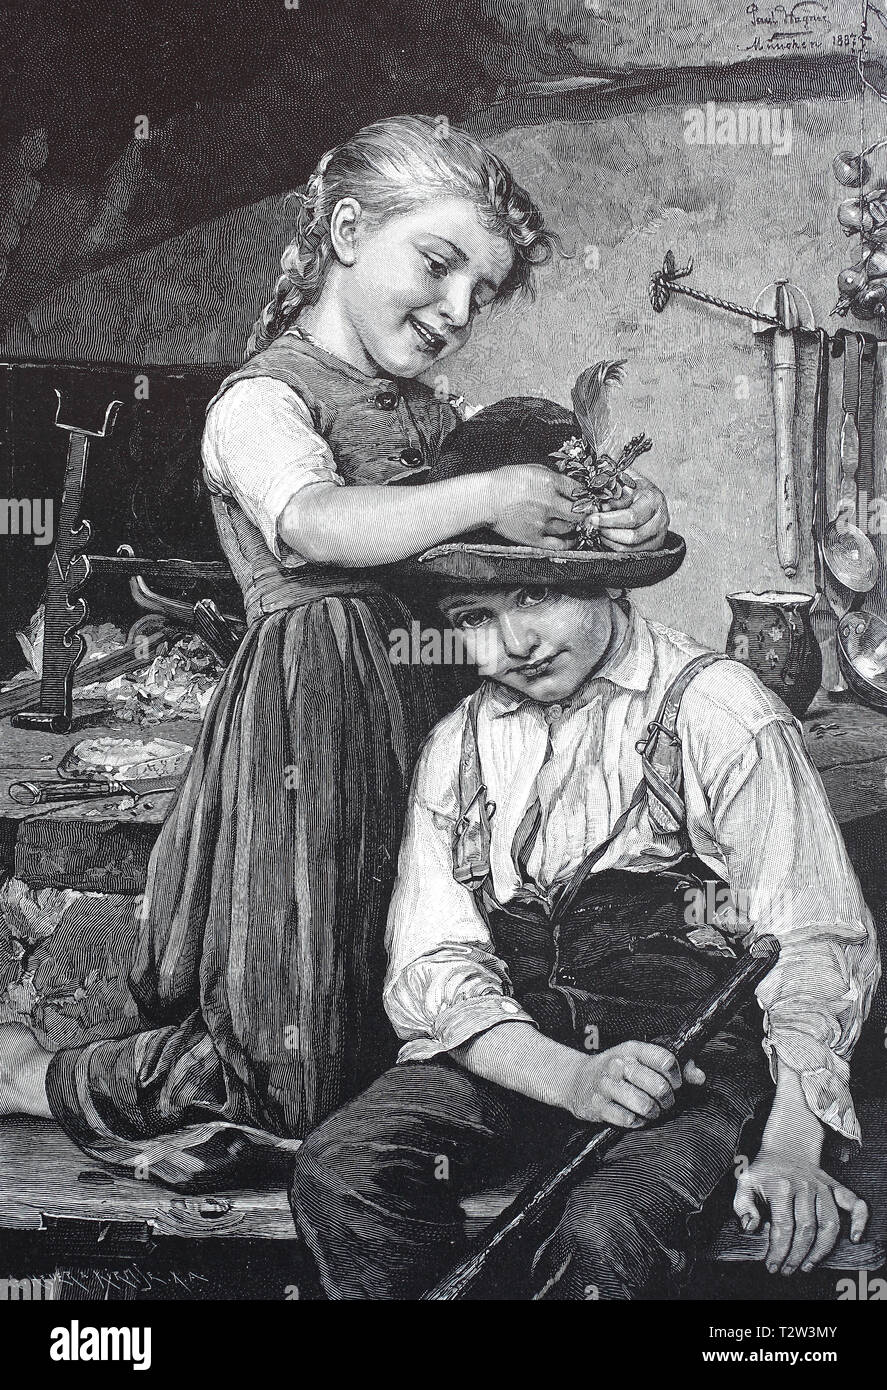 Reward, girl binds to a boy flowers and a feather in the hat, playfellow, Belohnung, Mädchen bindet einem Jungen Blumen und eine Feder in den Hut, Spielgefährtin Stock Photo